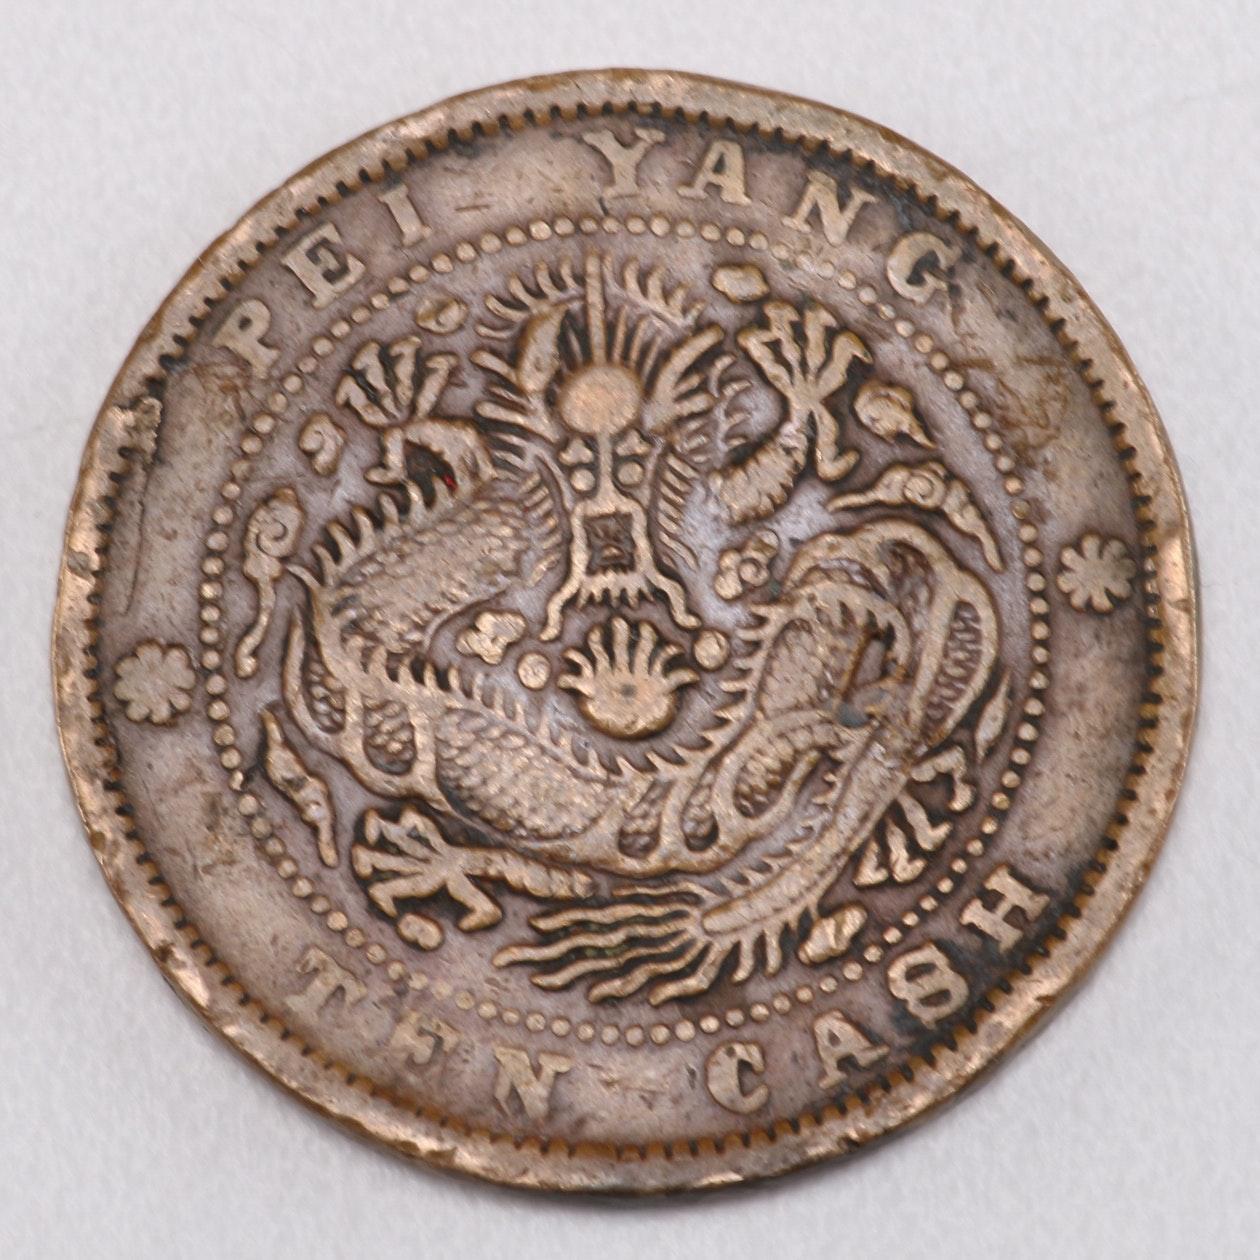 Ten Cash 1906 Pei Yang Mint Coin